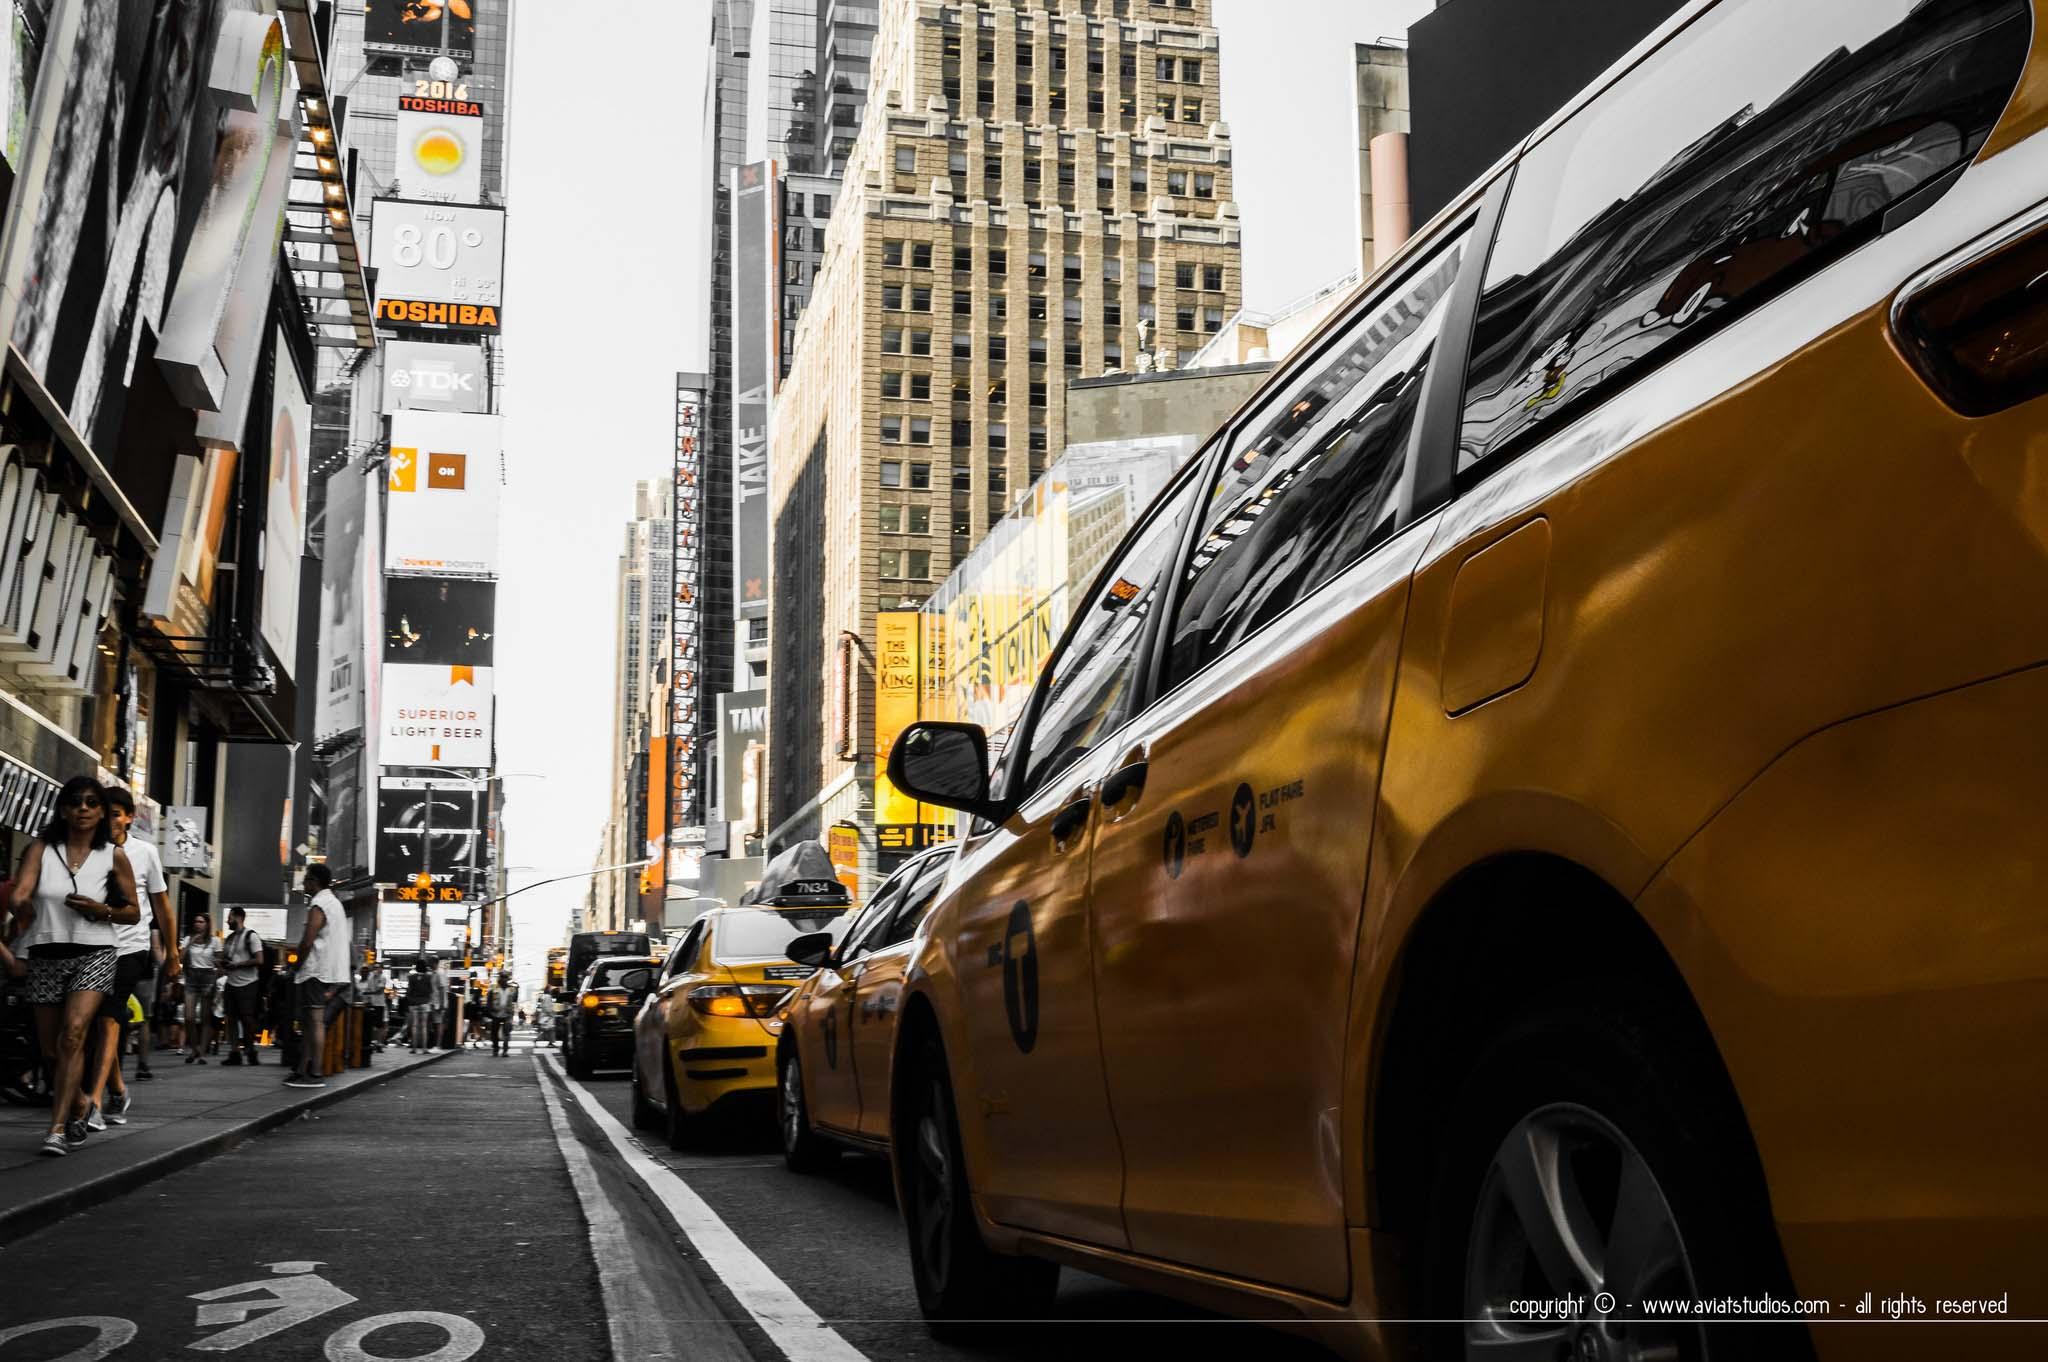 Un week-end à New-York – un itinéraire alliant incontournables et adresses atypiques